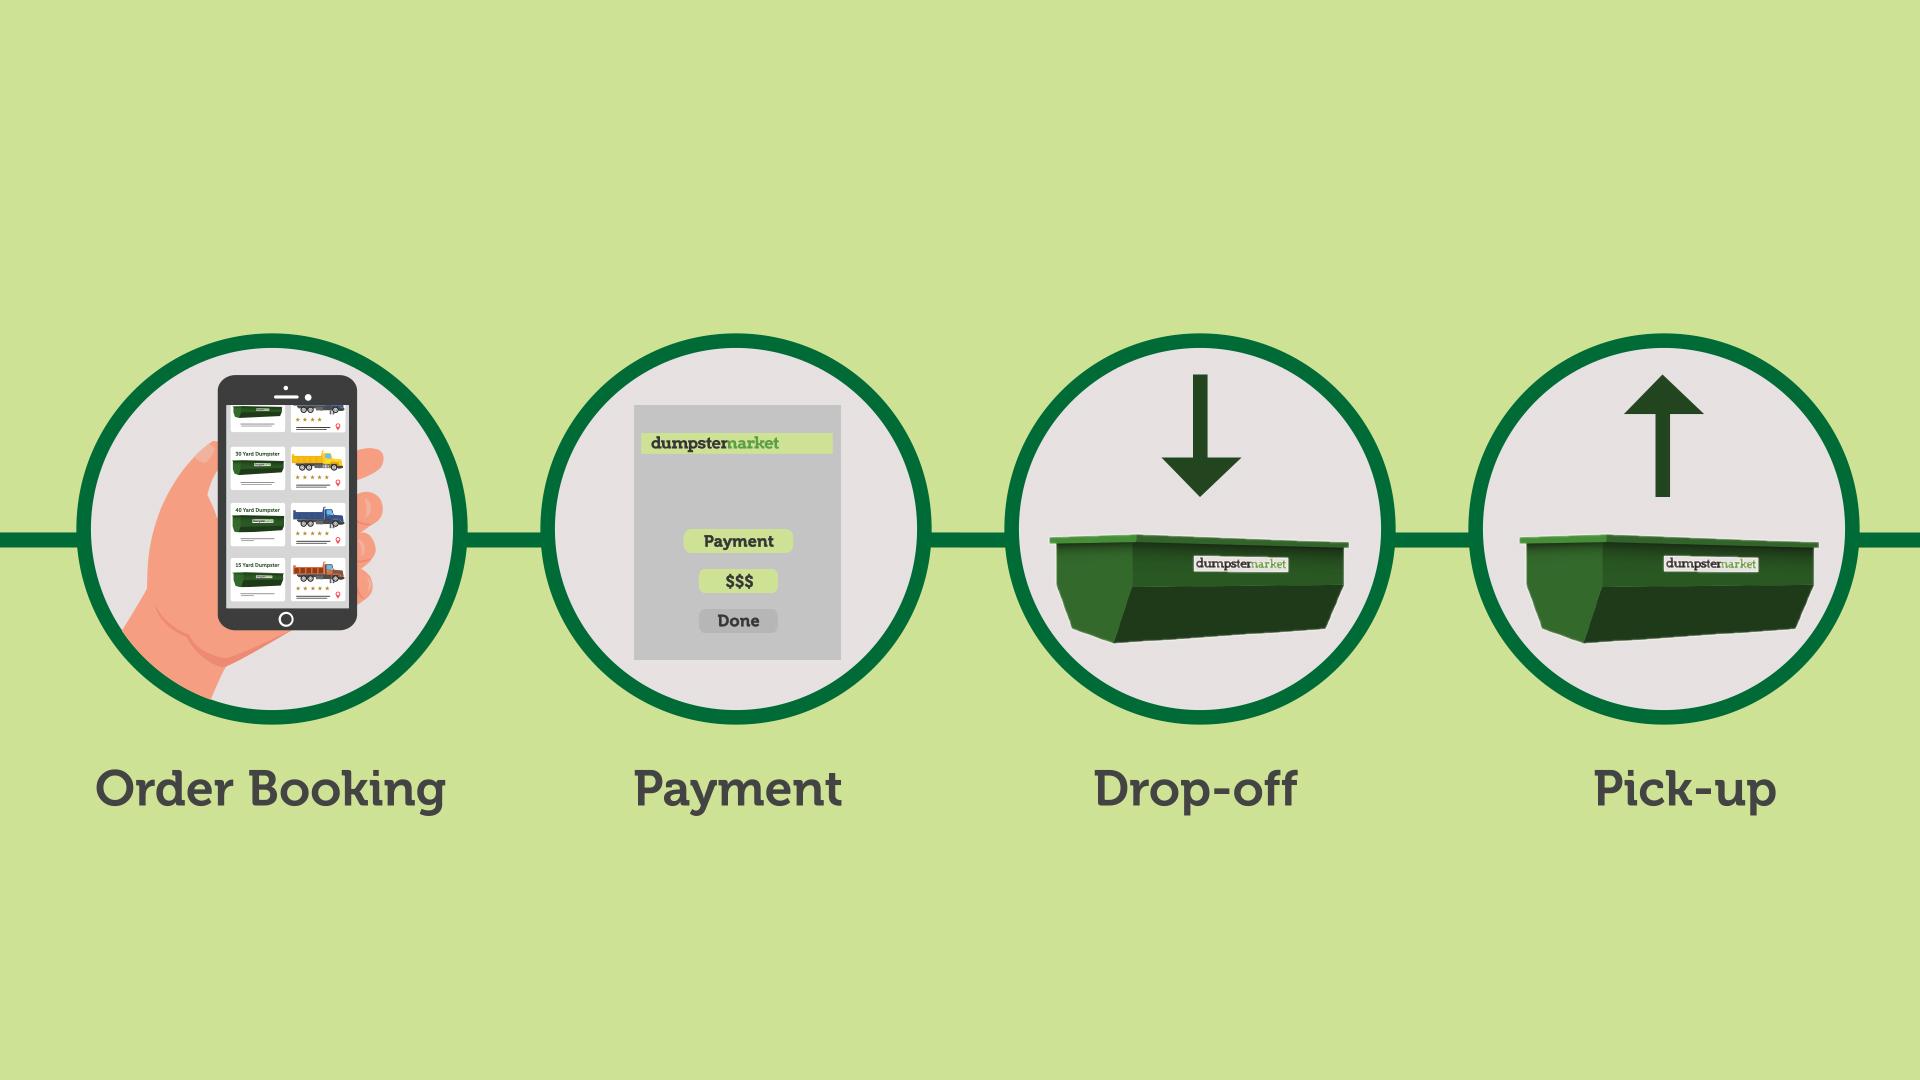 Dumpster Market image 6